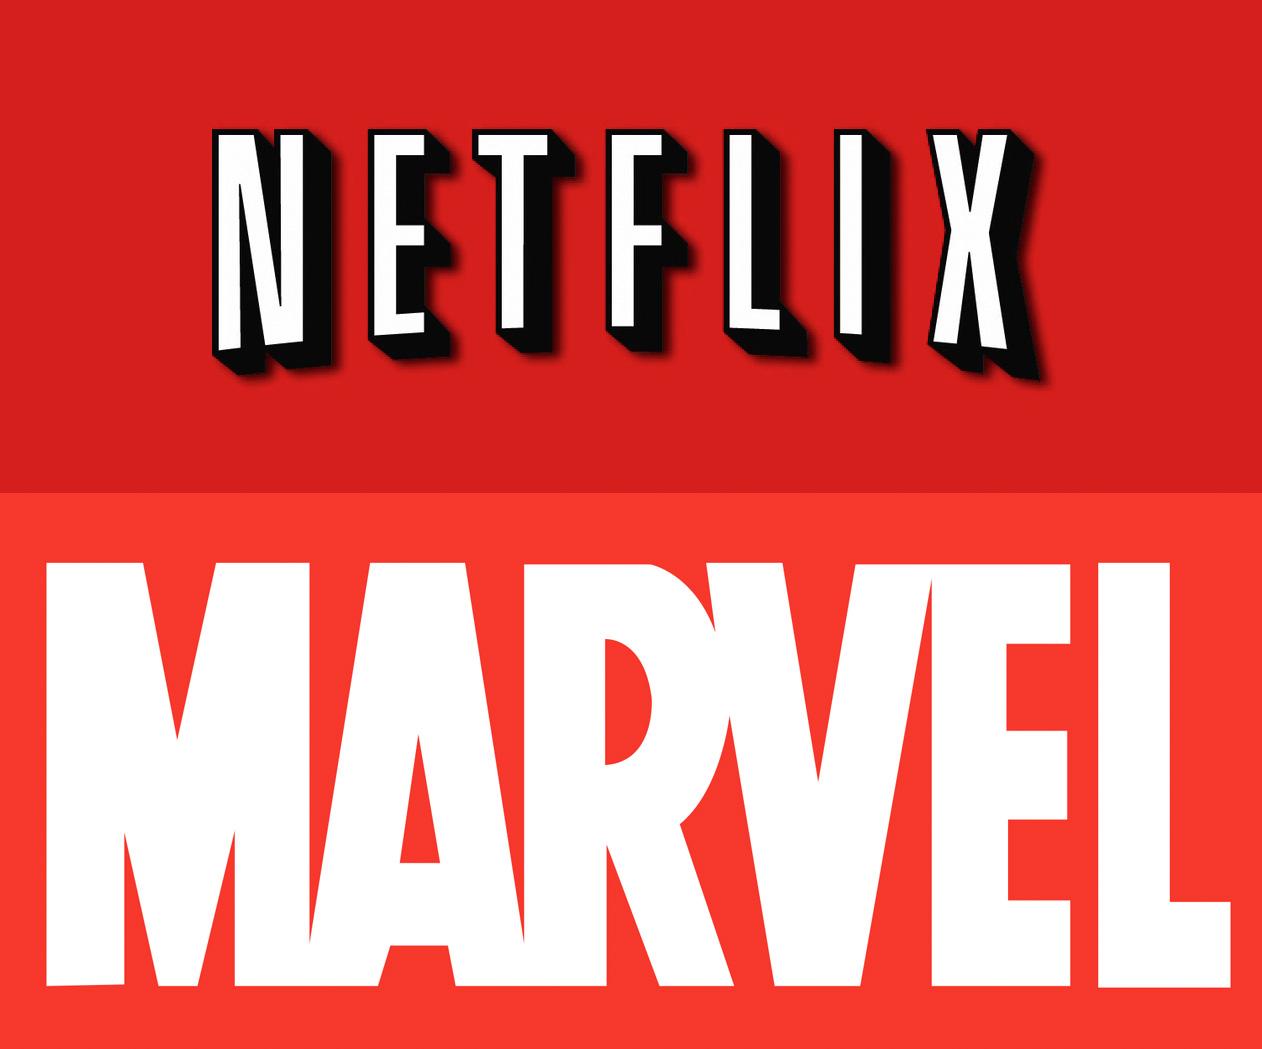 Netflix_Marvel